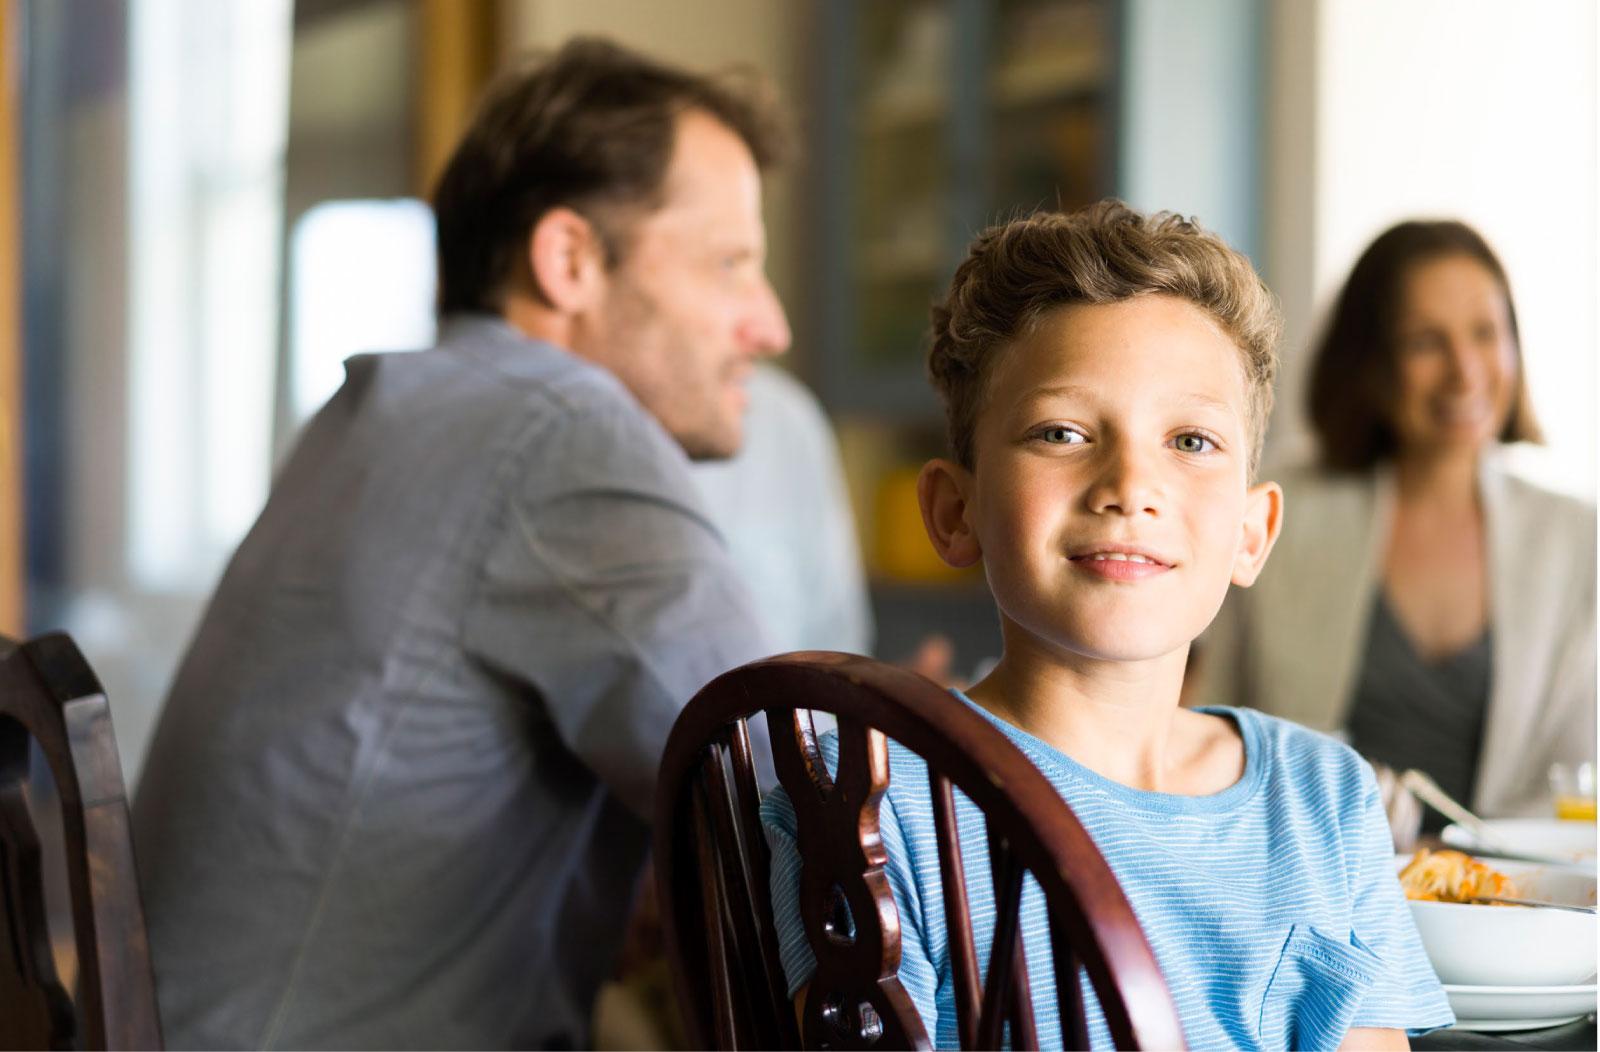 Junge sitzt auf einem Stuhl, im Hintergrund sind seinem Eltern am Tisch